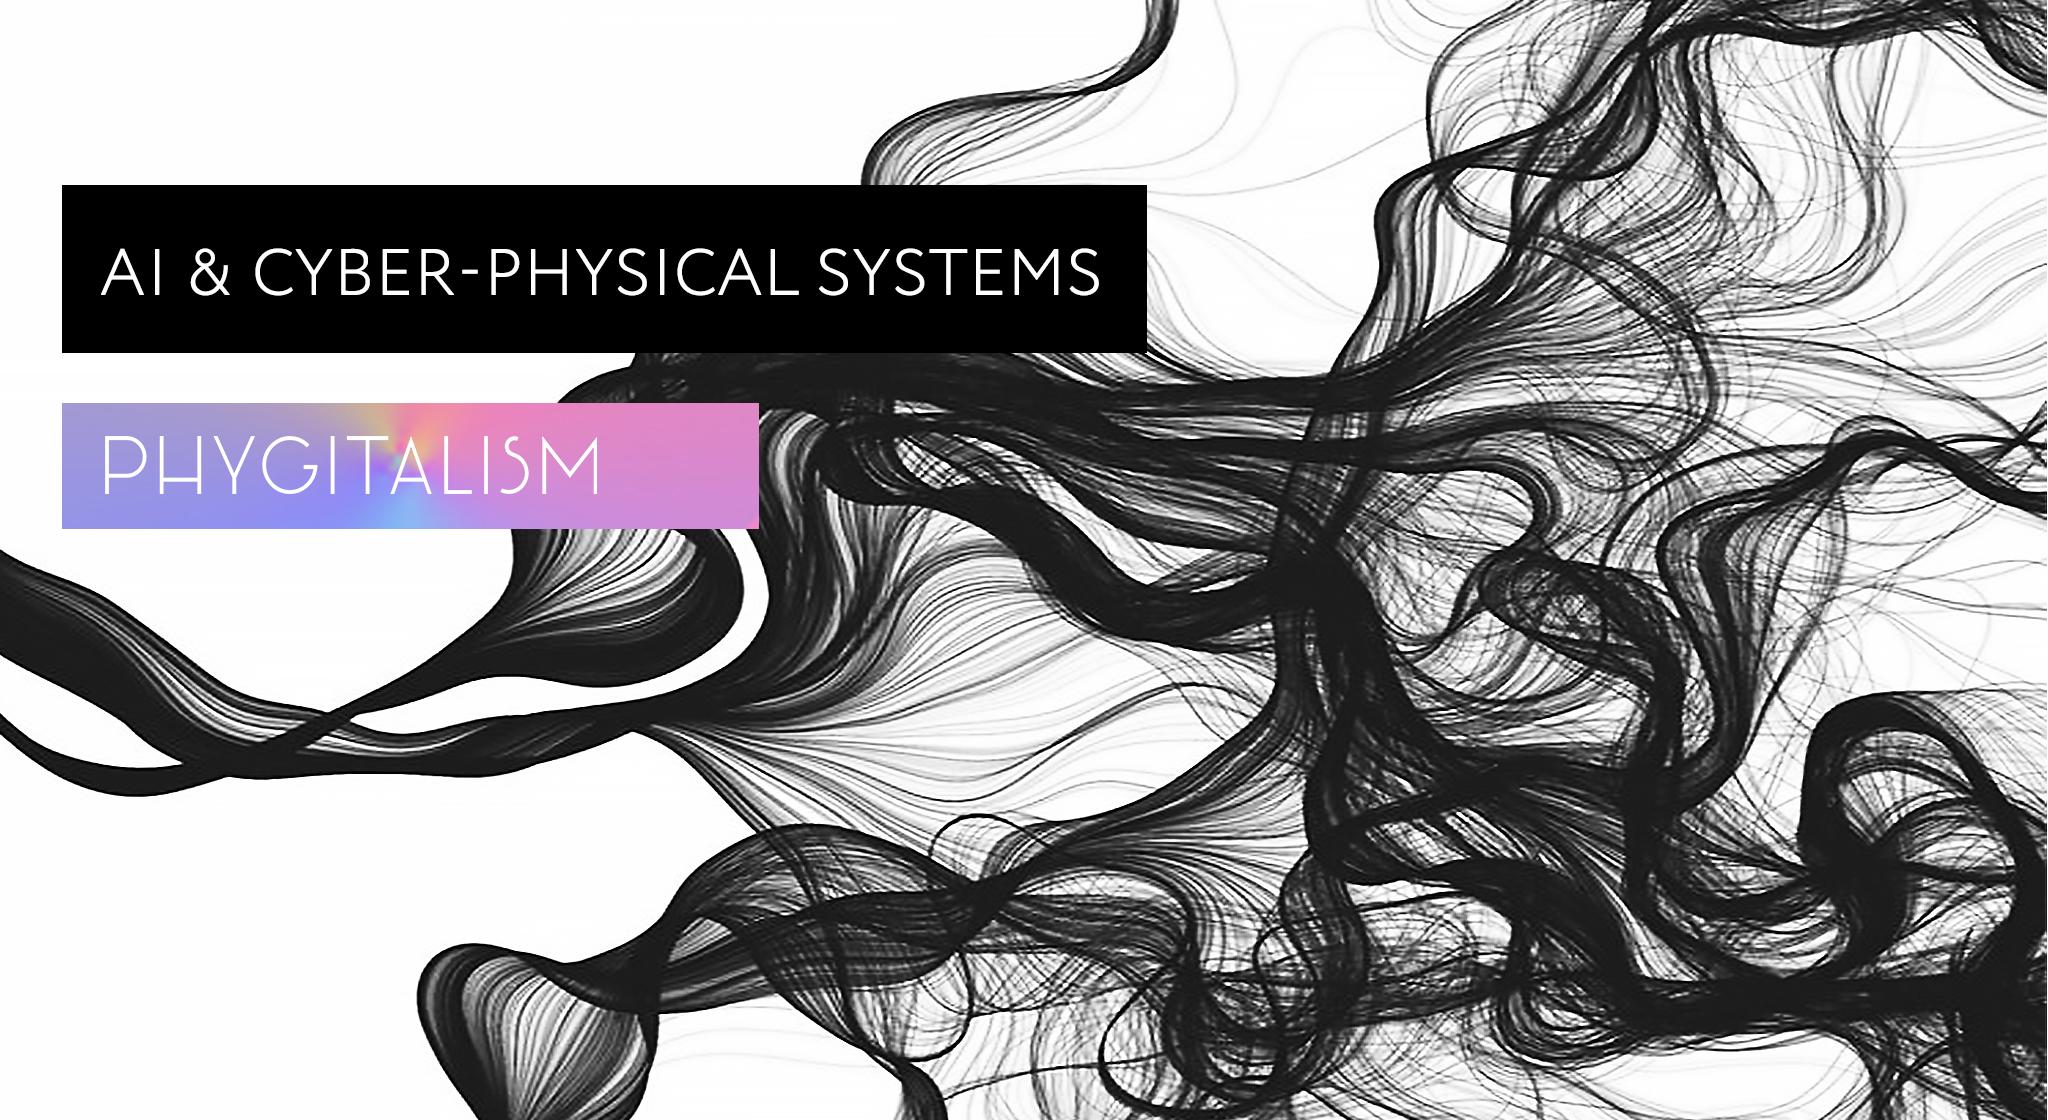 [recovery mode] Как искусственный интеллект может улучшить киберфизические системы?